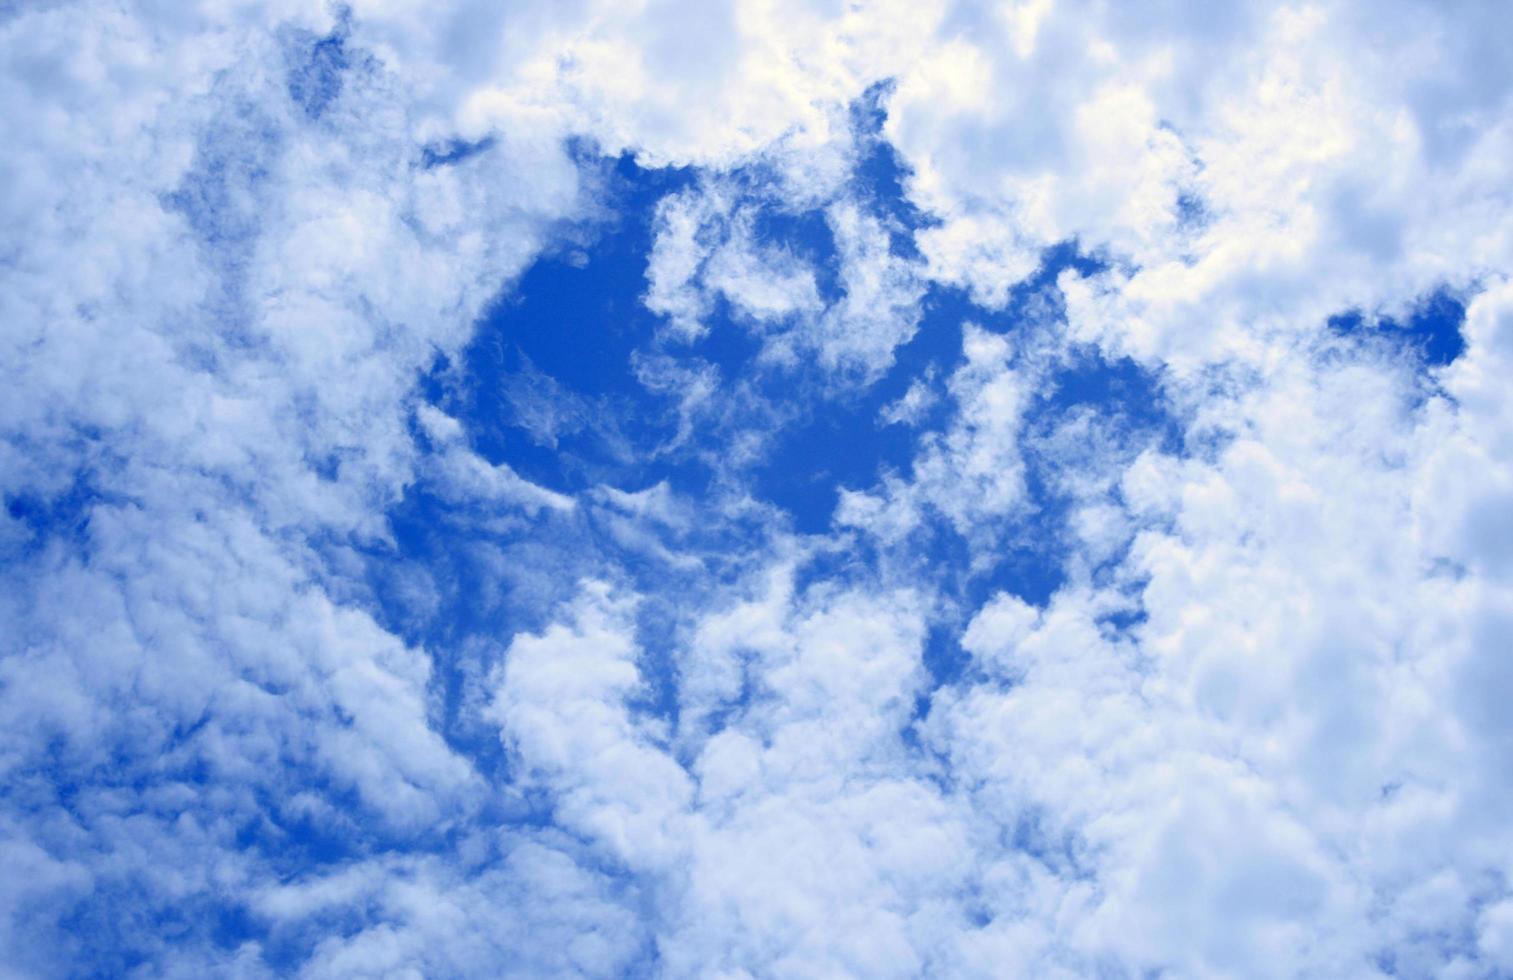 gruppo di nuvole bianche in un cielo blu profondo foto